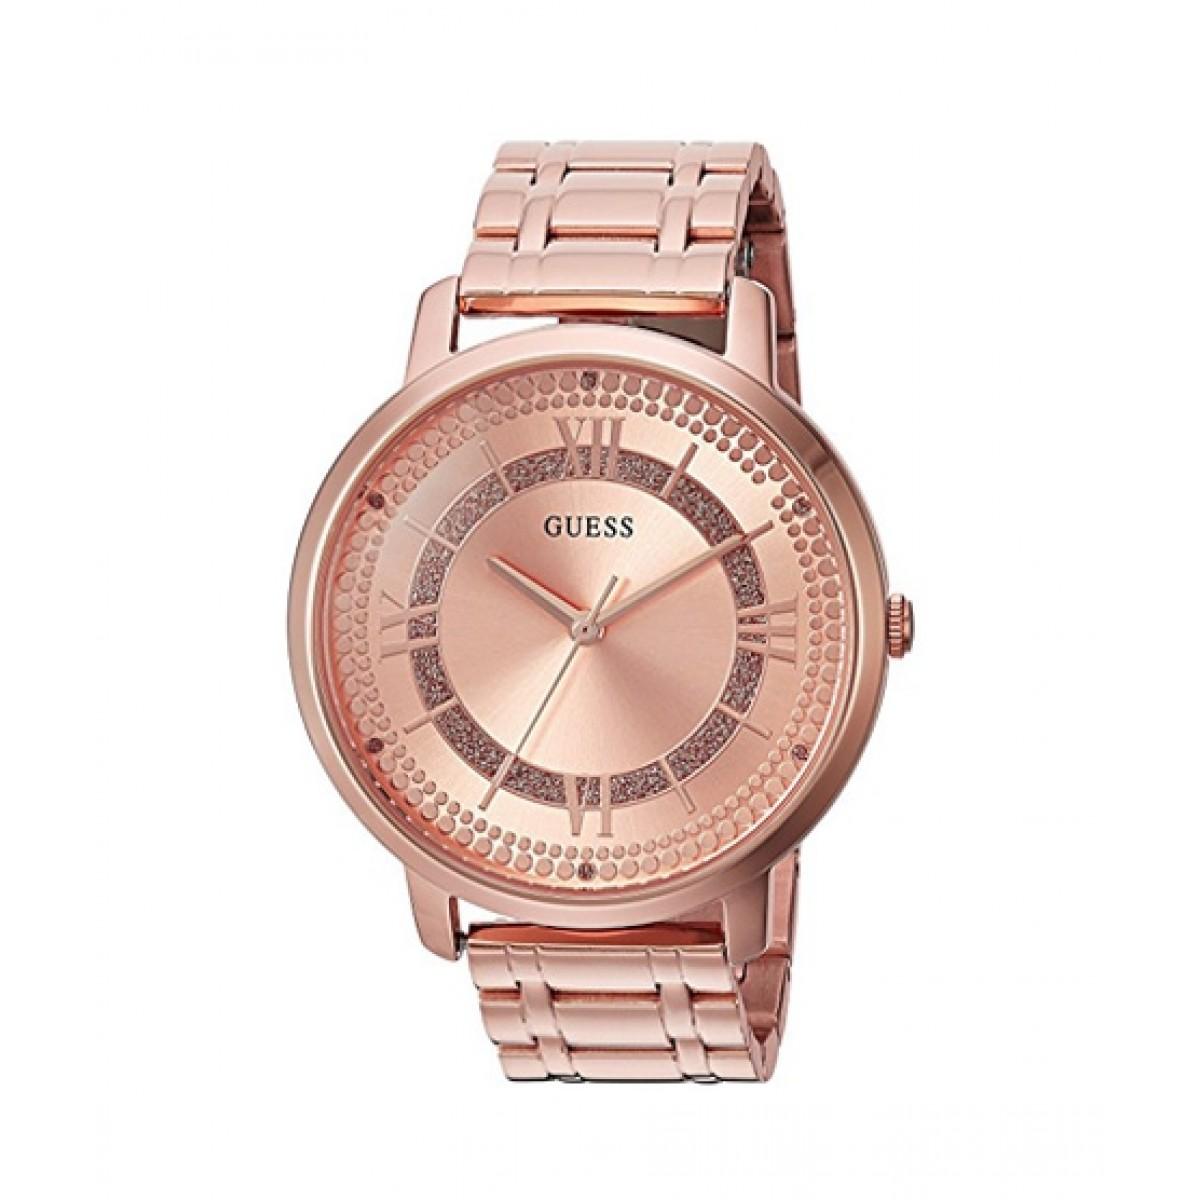 da13d615b Guess Analog Quartz Women's Watch Price in Pakistan | Buy Guess Women's  Watch Rose Gold (U0933L3) | iShopping.pk